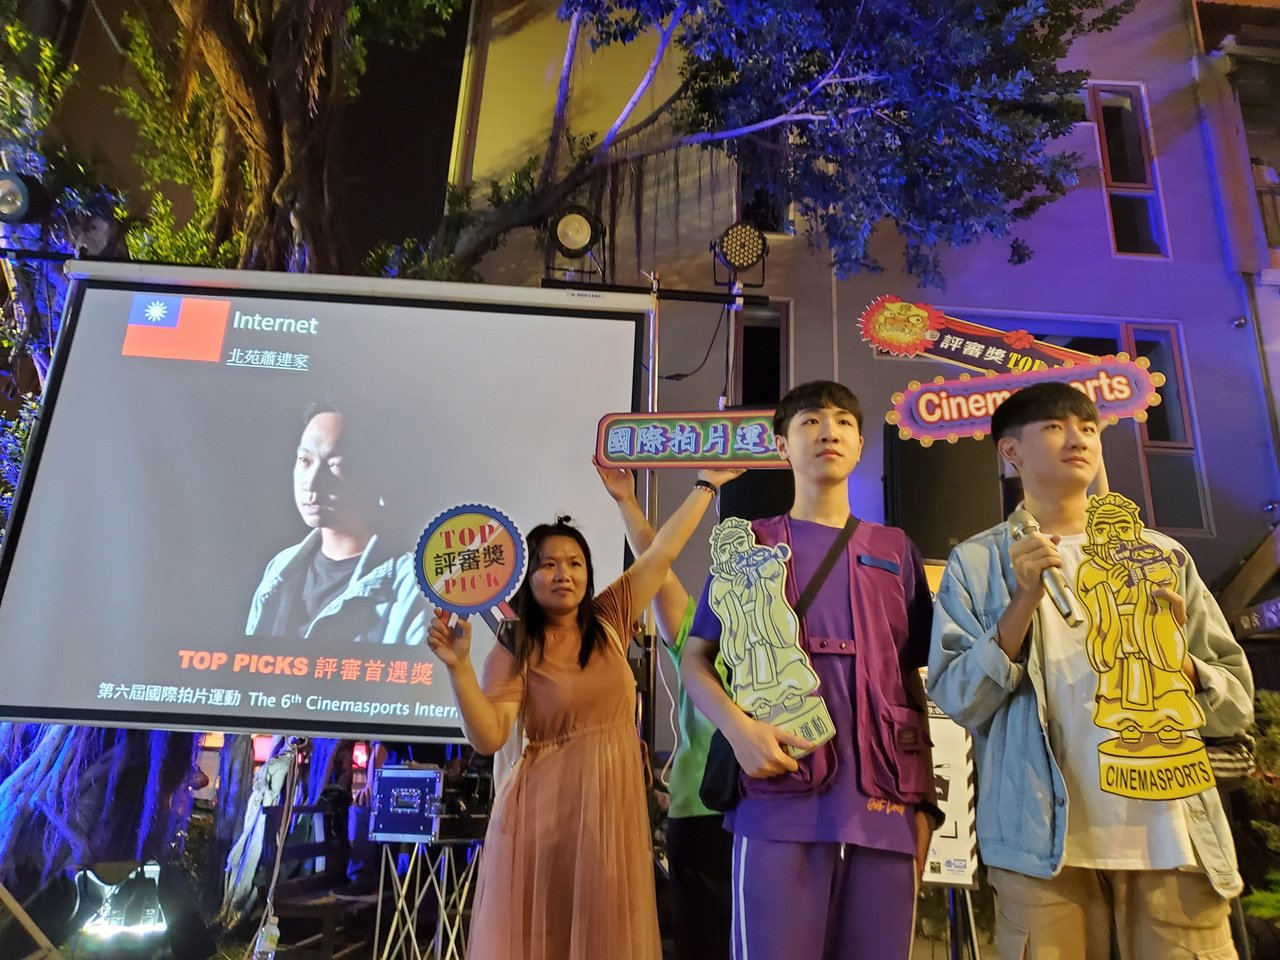 第六屆國際拍片運動登場,崑山科大團隊獲獎數最高,首映會場面熱鬧。圖/校方提供